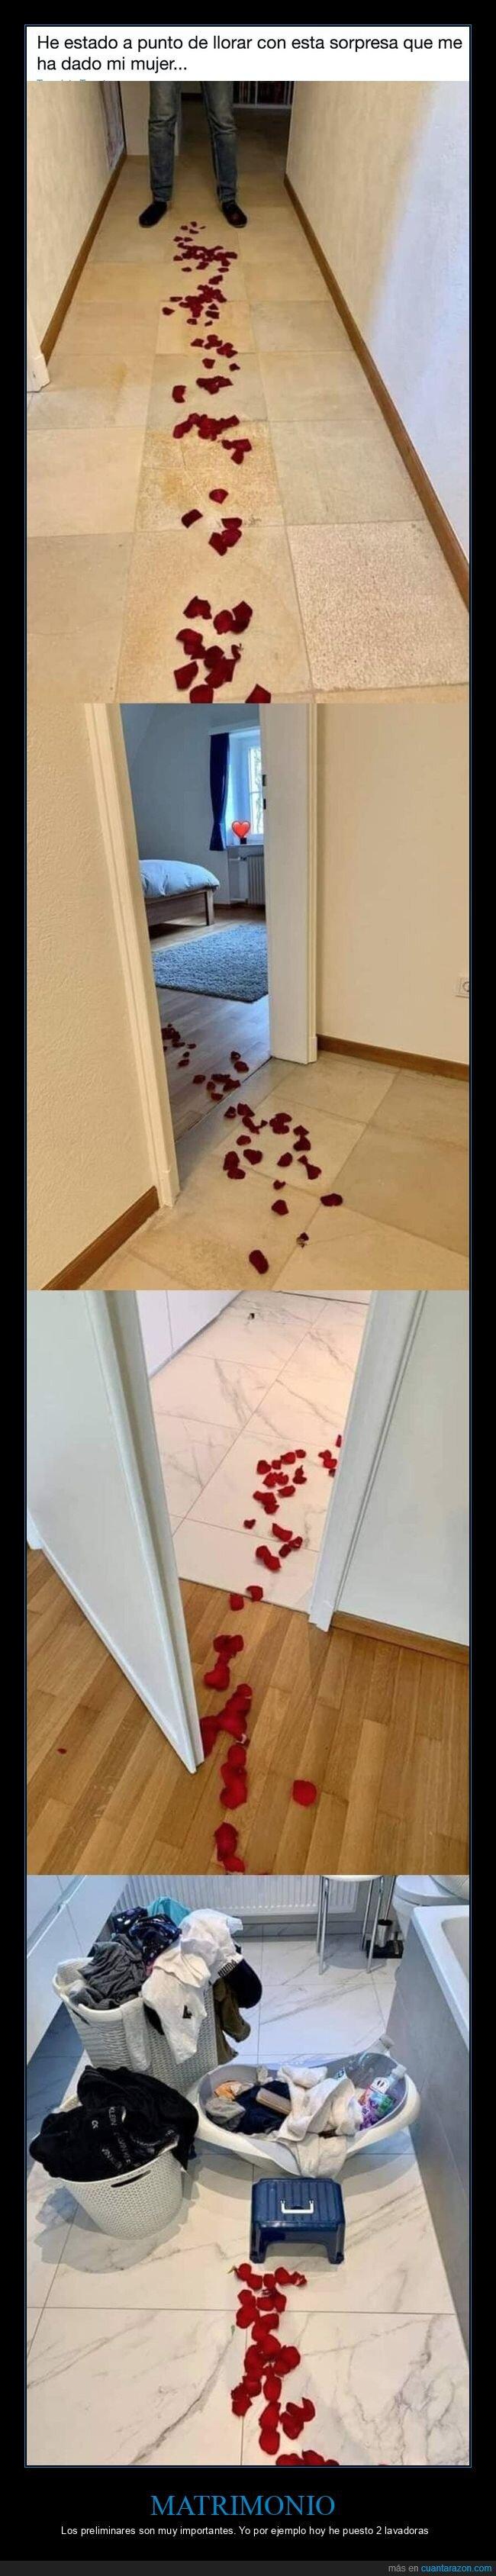 calzonazos,mujer,pétalos,rosas